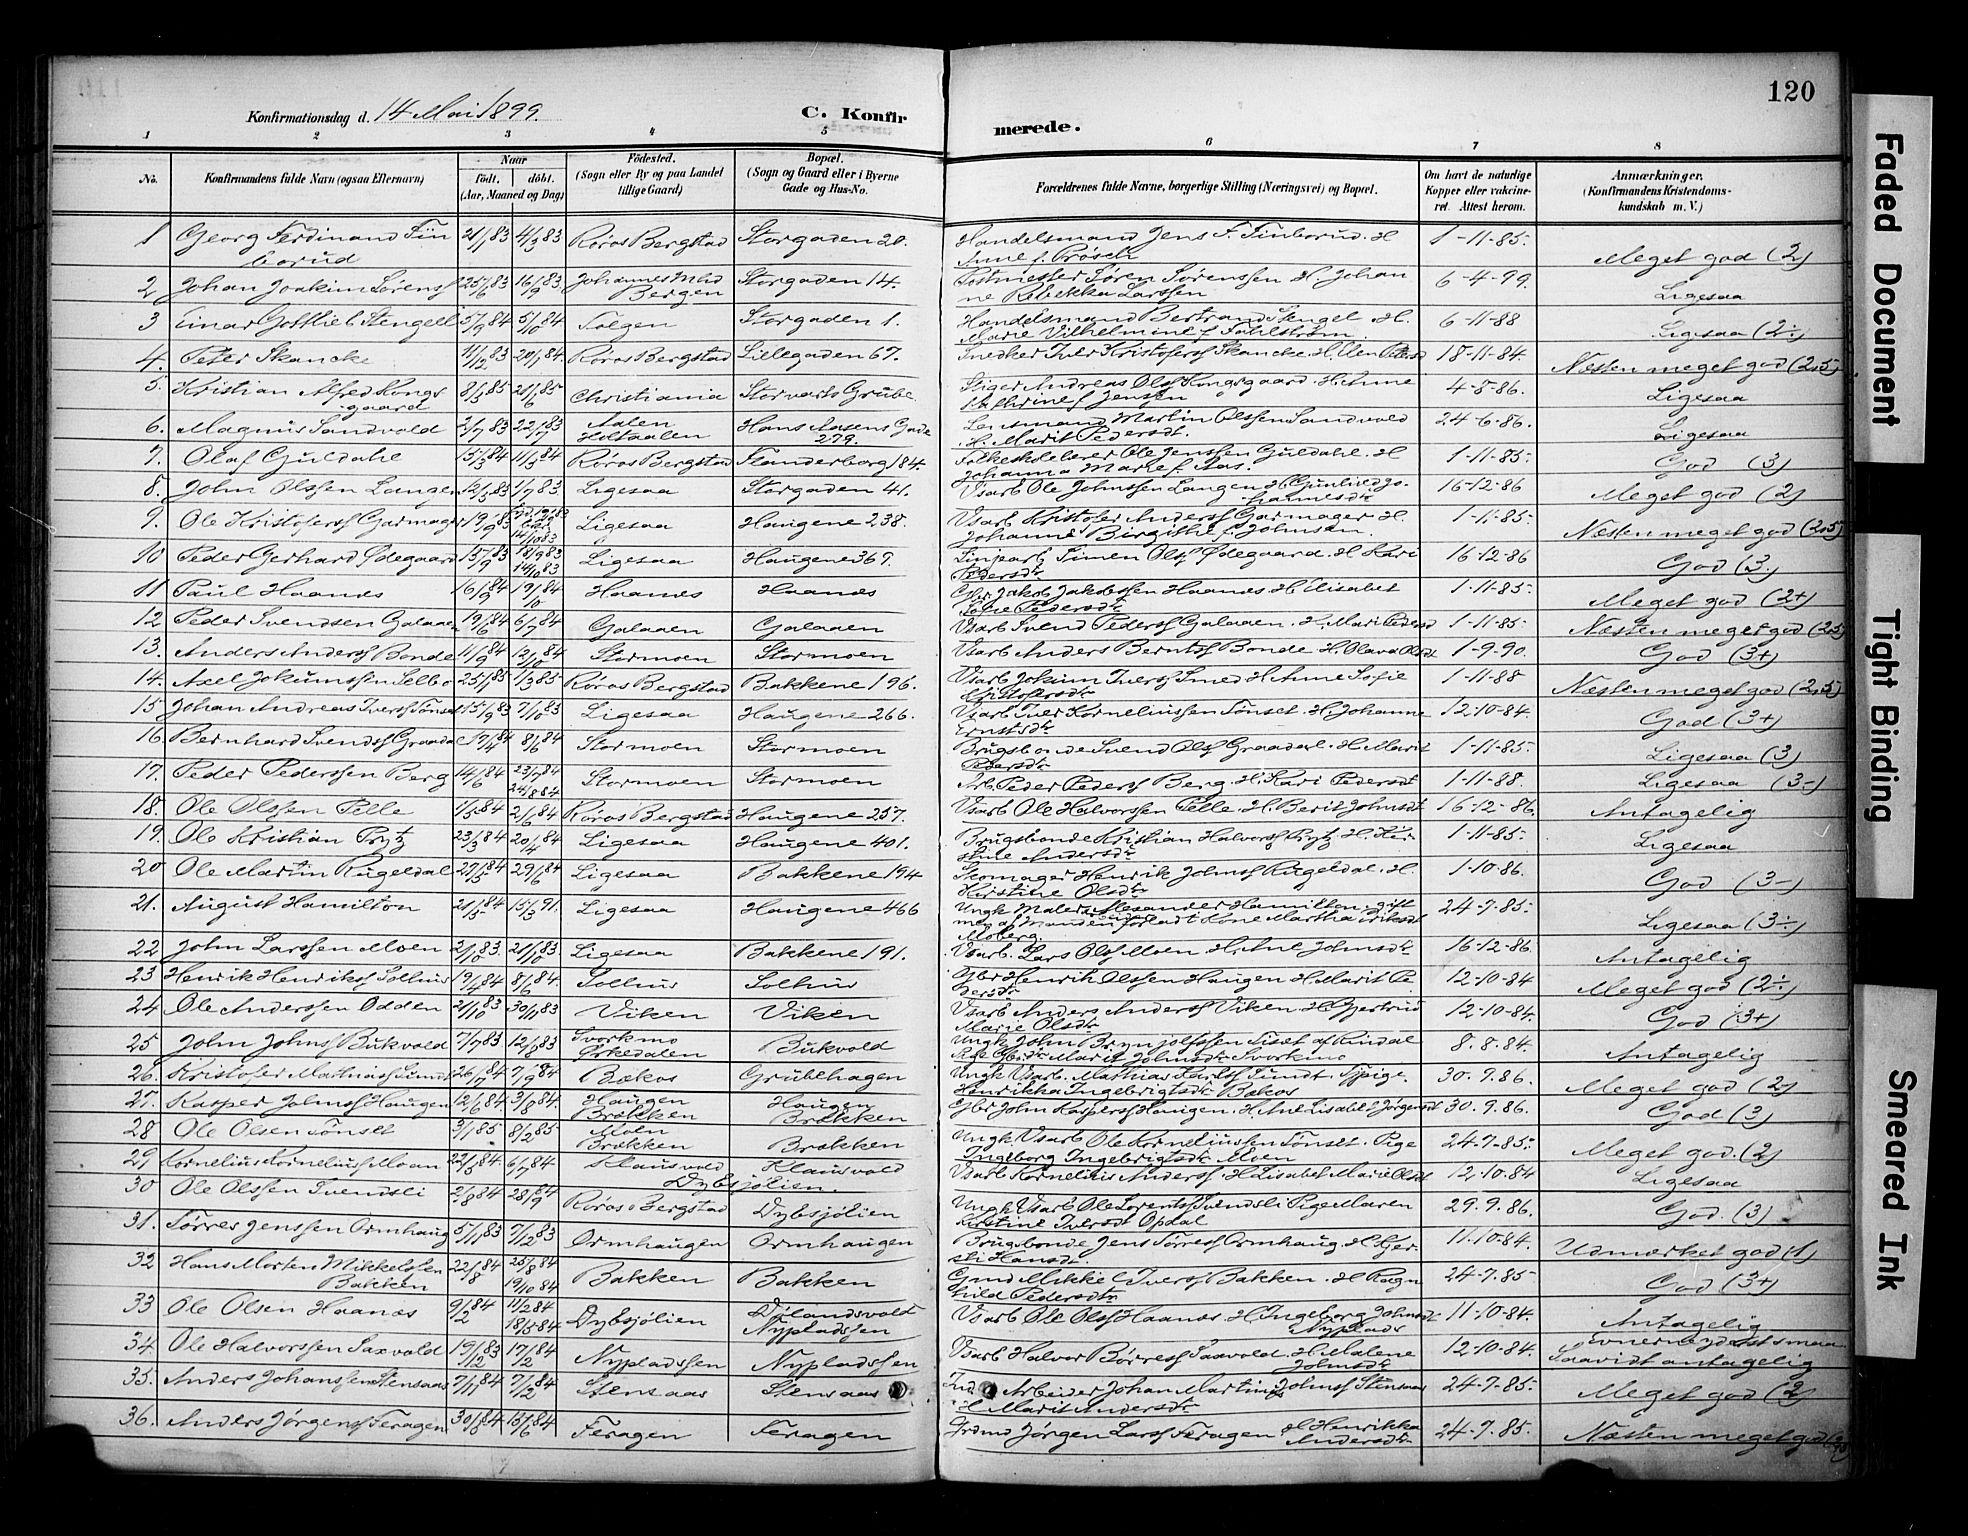 SAT, Ministerialprotokoller, klokkerbøker og fødselsregistre - Sør-Trøndelag, 681/L0936: Ministerialbok nr. 681A14, 1899-1908, s. 120